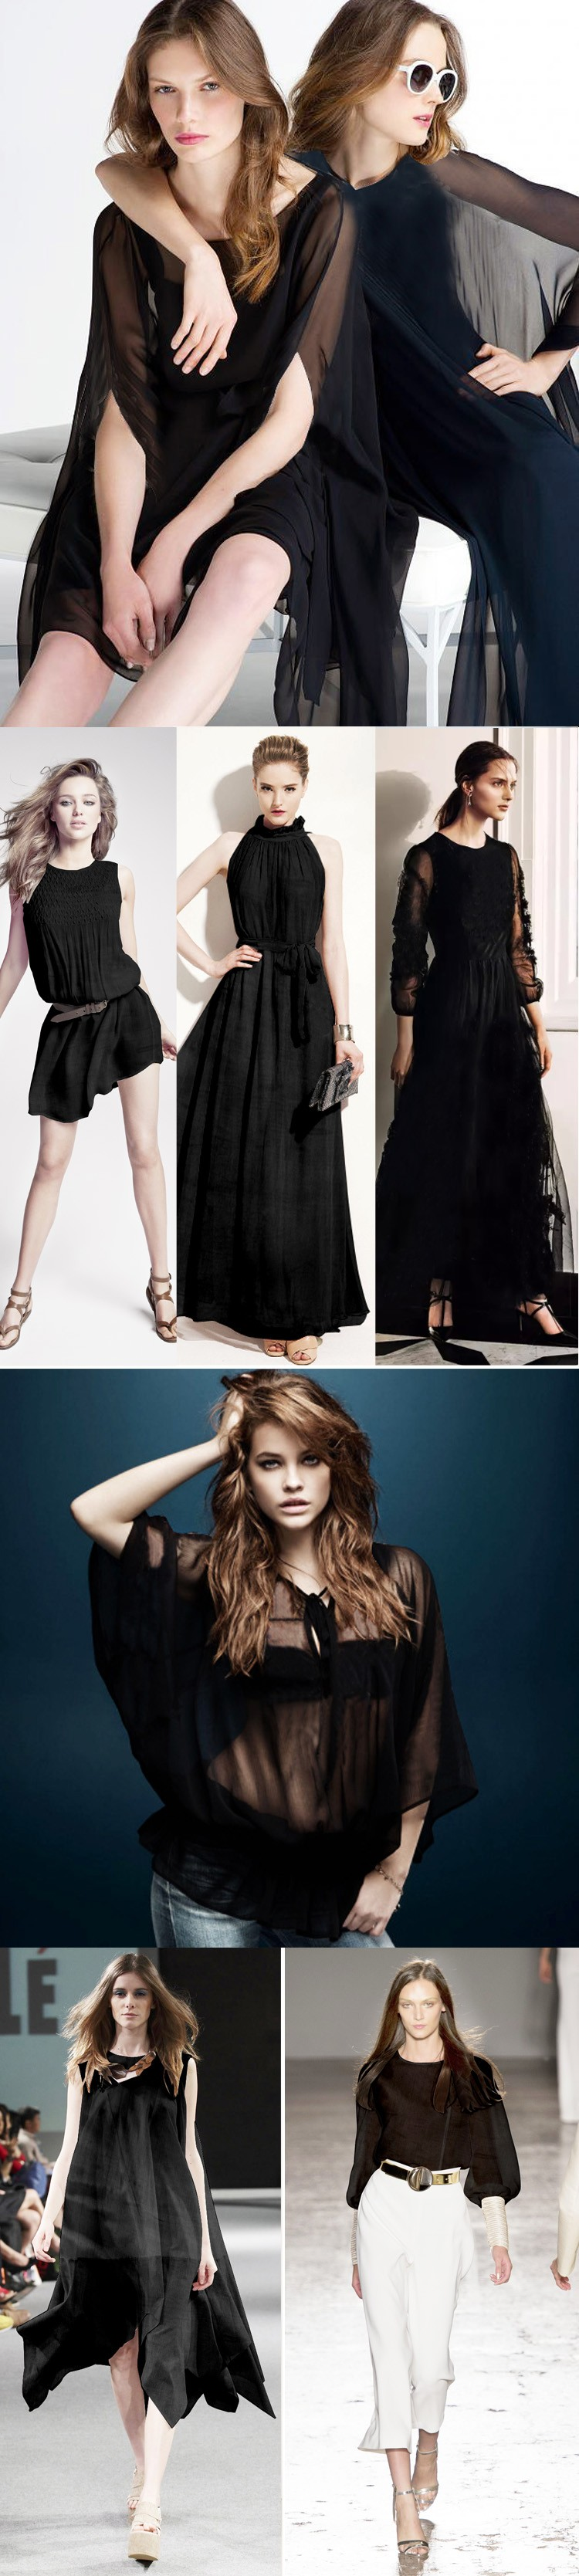 Click here!! Vente chaude limitée Noir soie de lavage de sable naturel  georgette tissu pour robe DIY tissu au mètre tissu lumineux de mode 522c5dc9d866